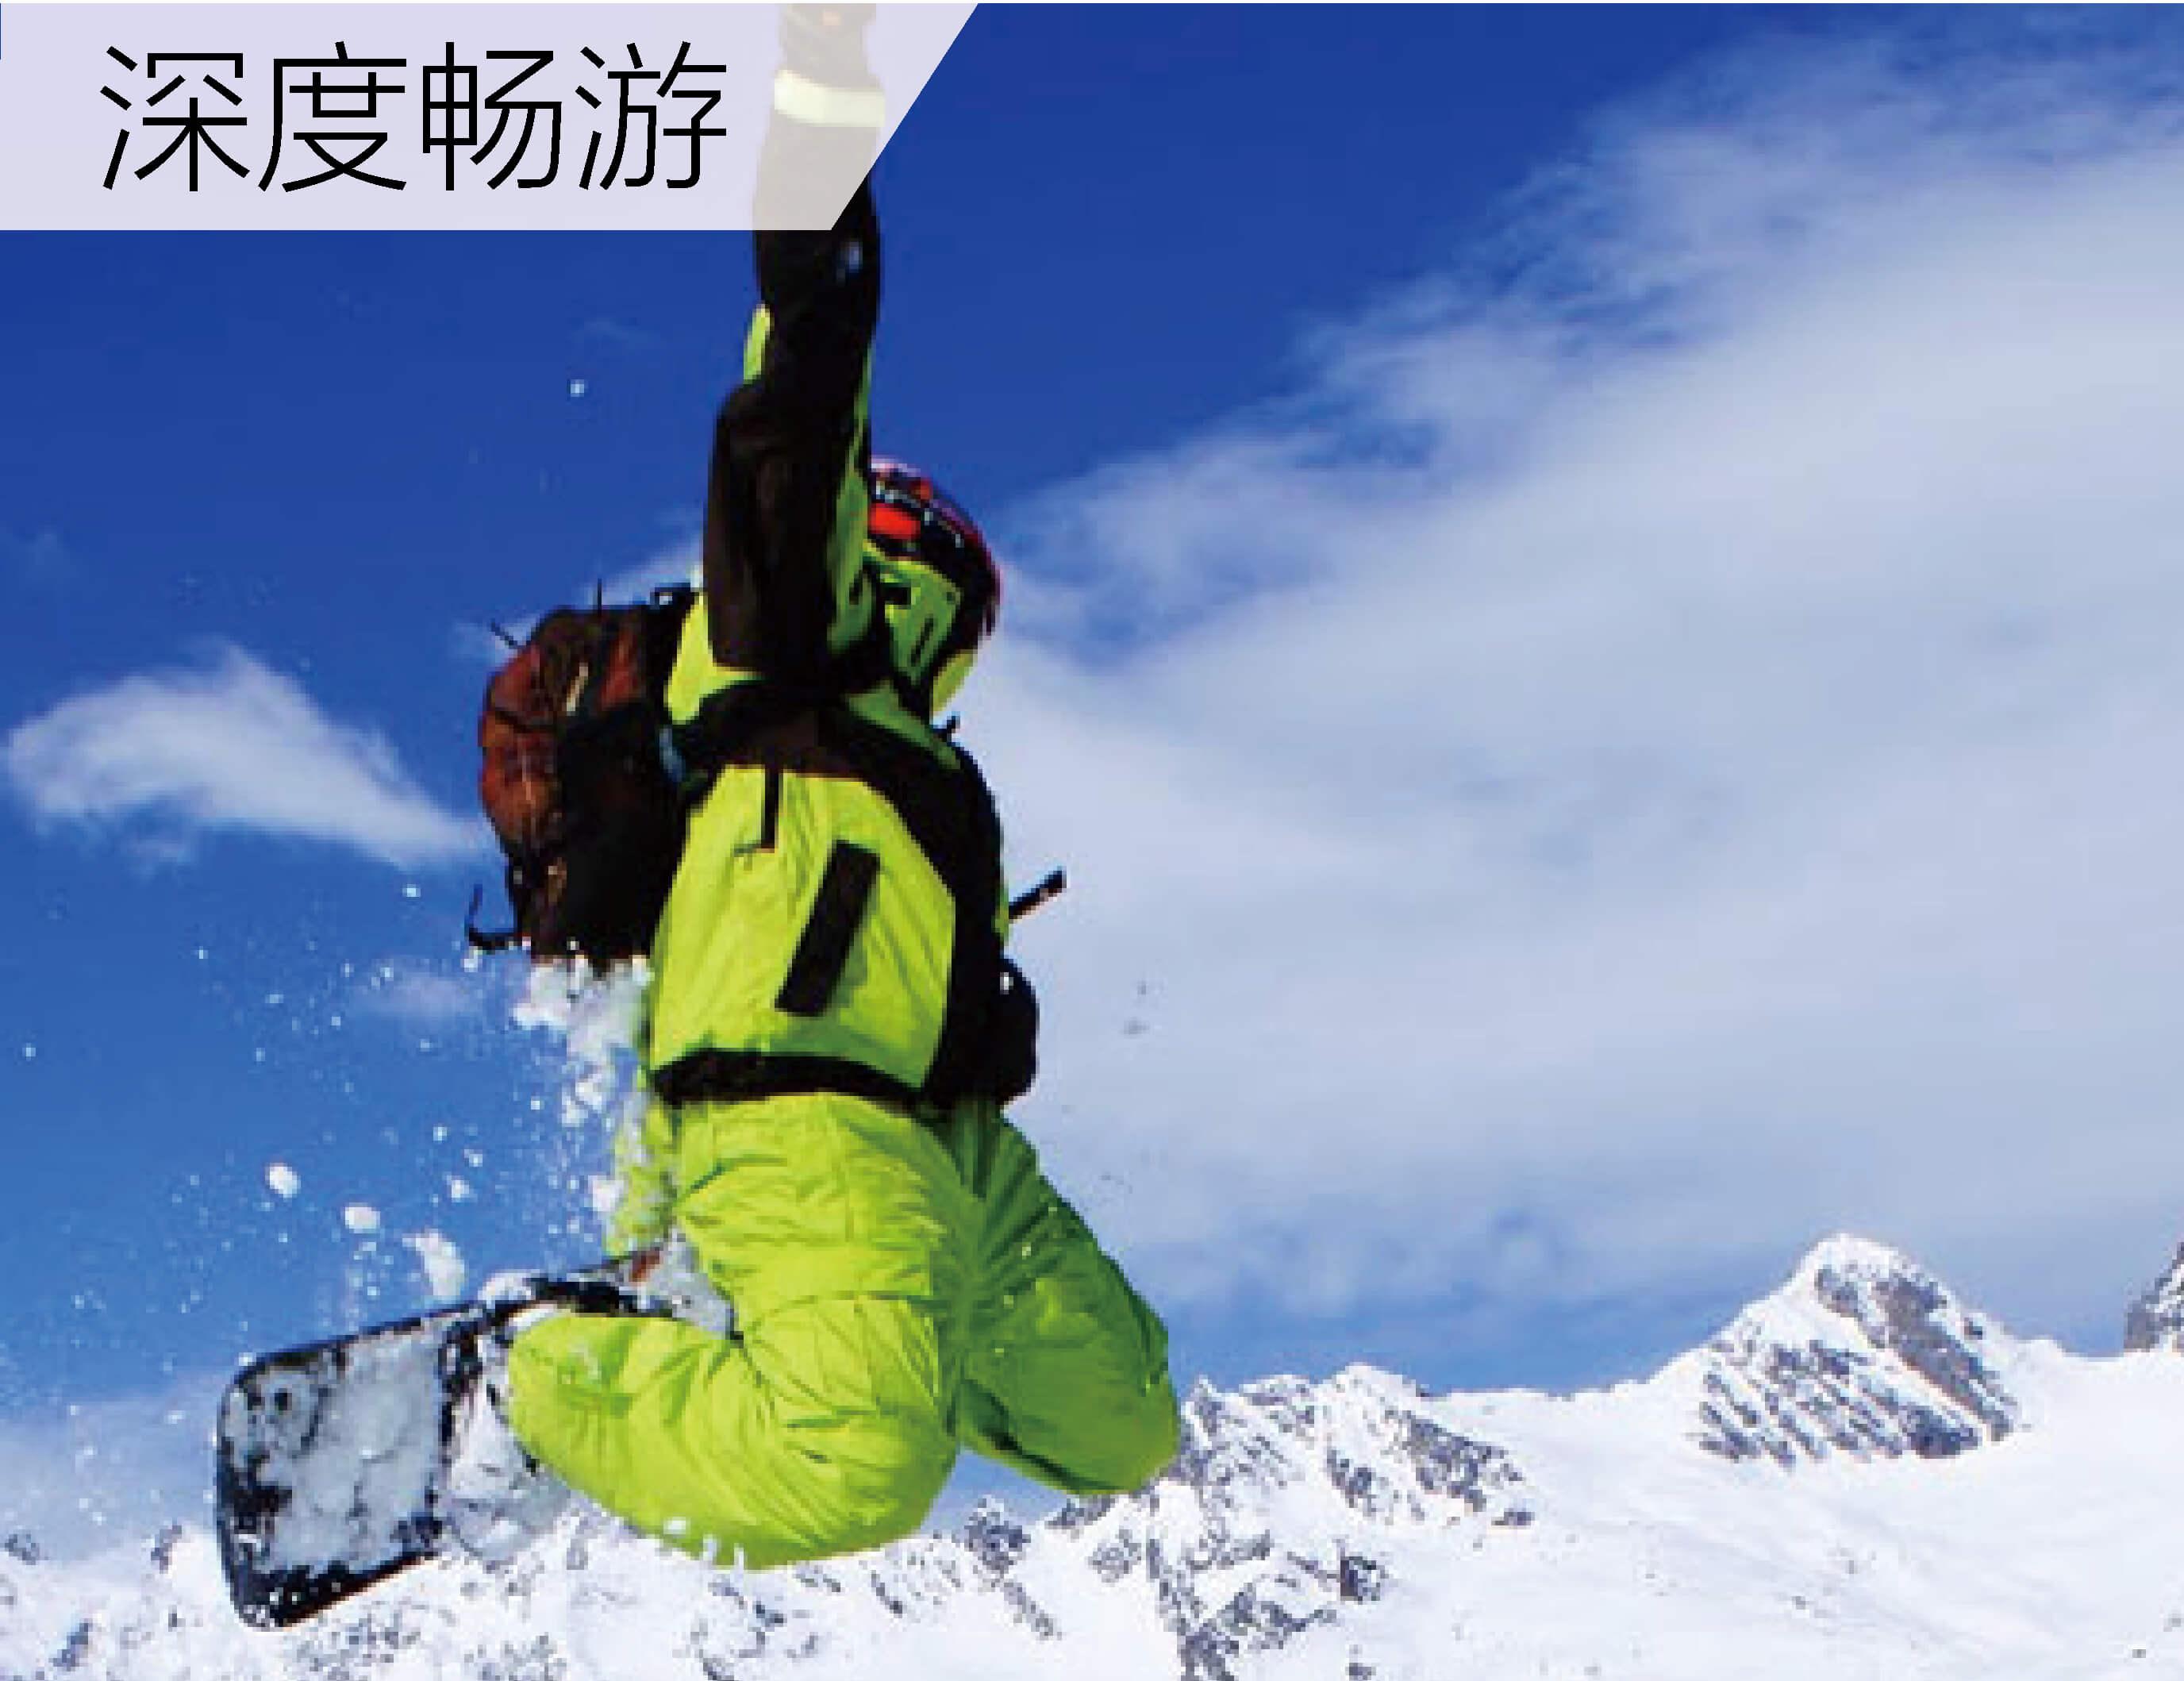 瑞士: 终极滑雪梦想行